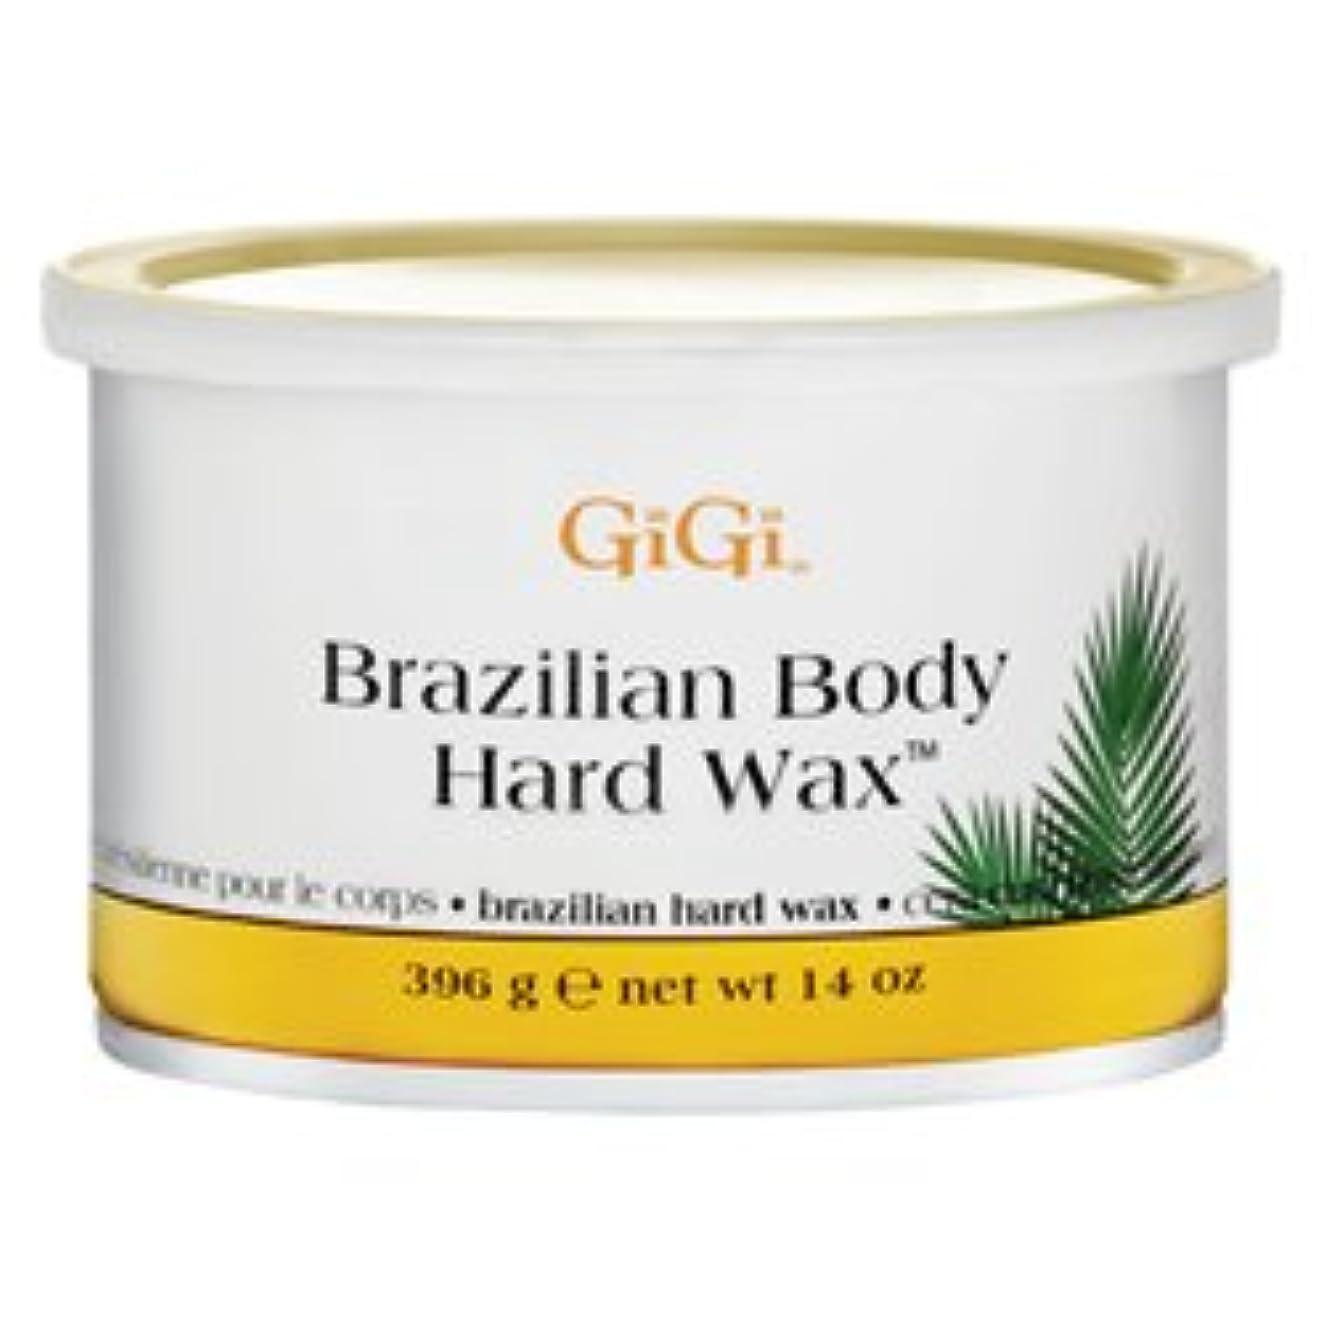 アプライアンスハチ倫理ブラジリアンボディハード脱毛ワックス 396g (並行輸入品)